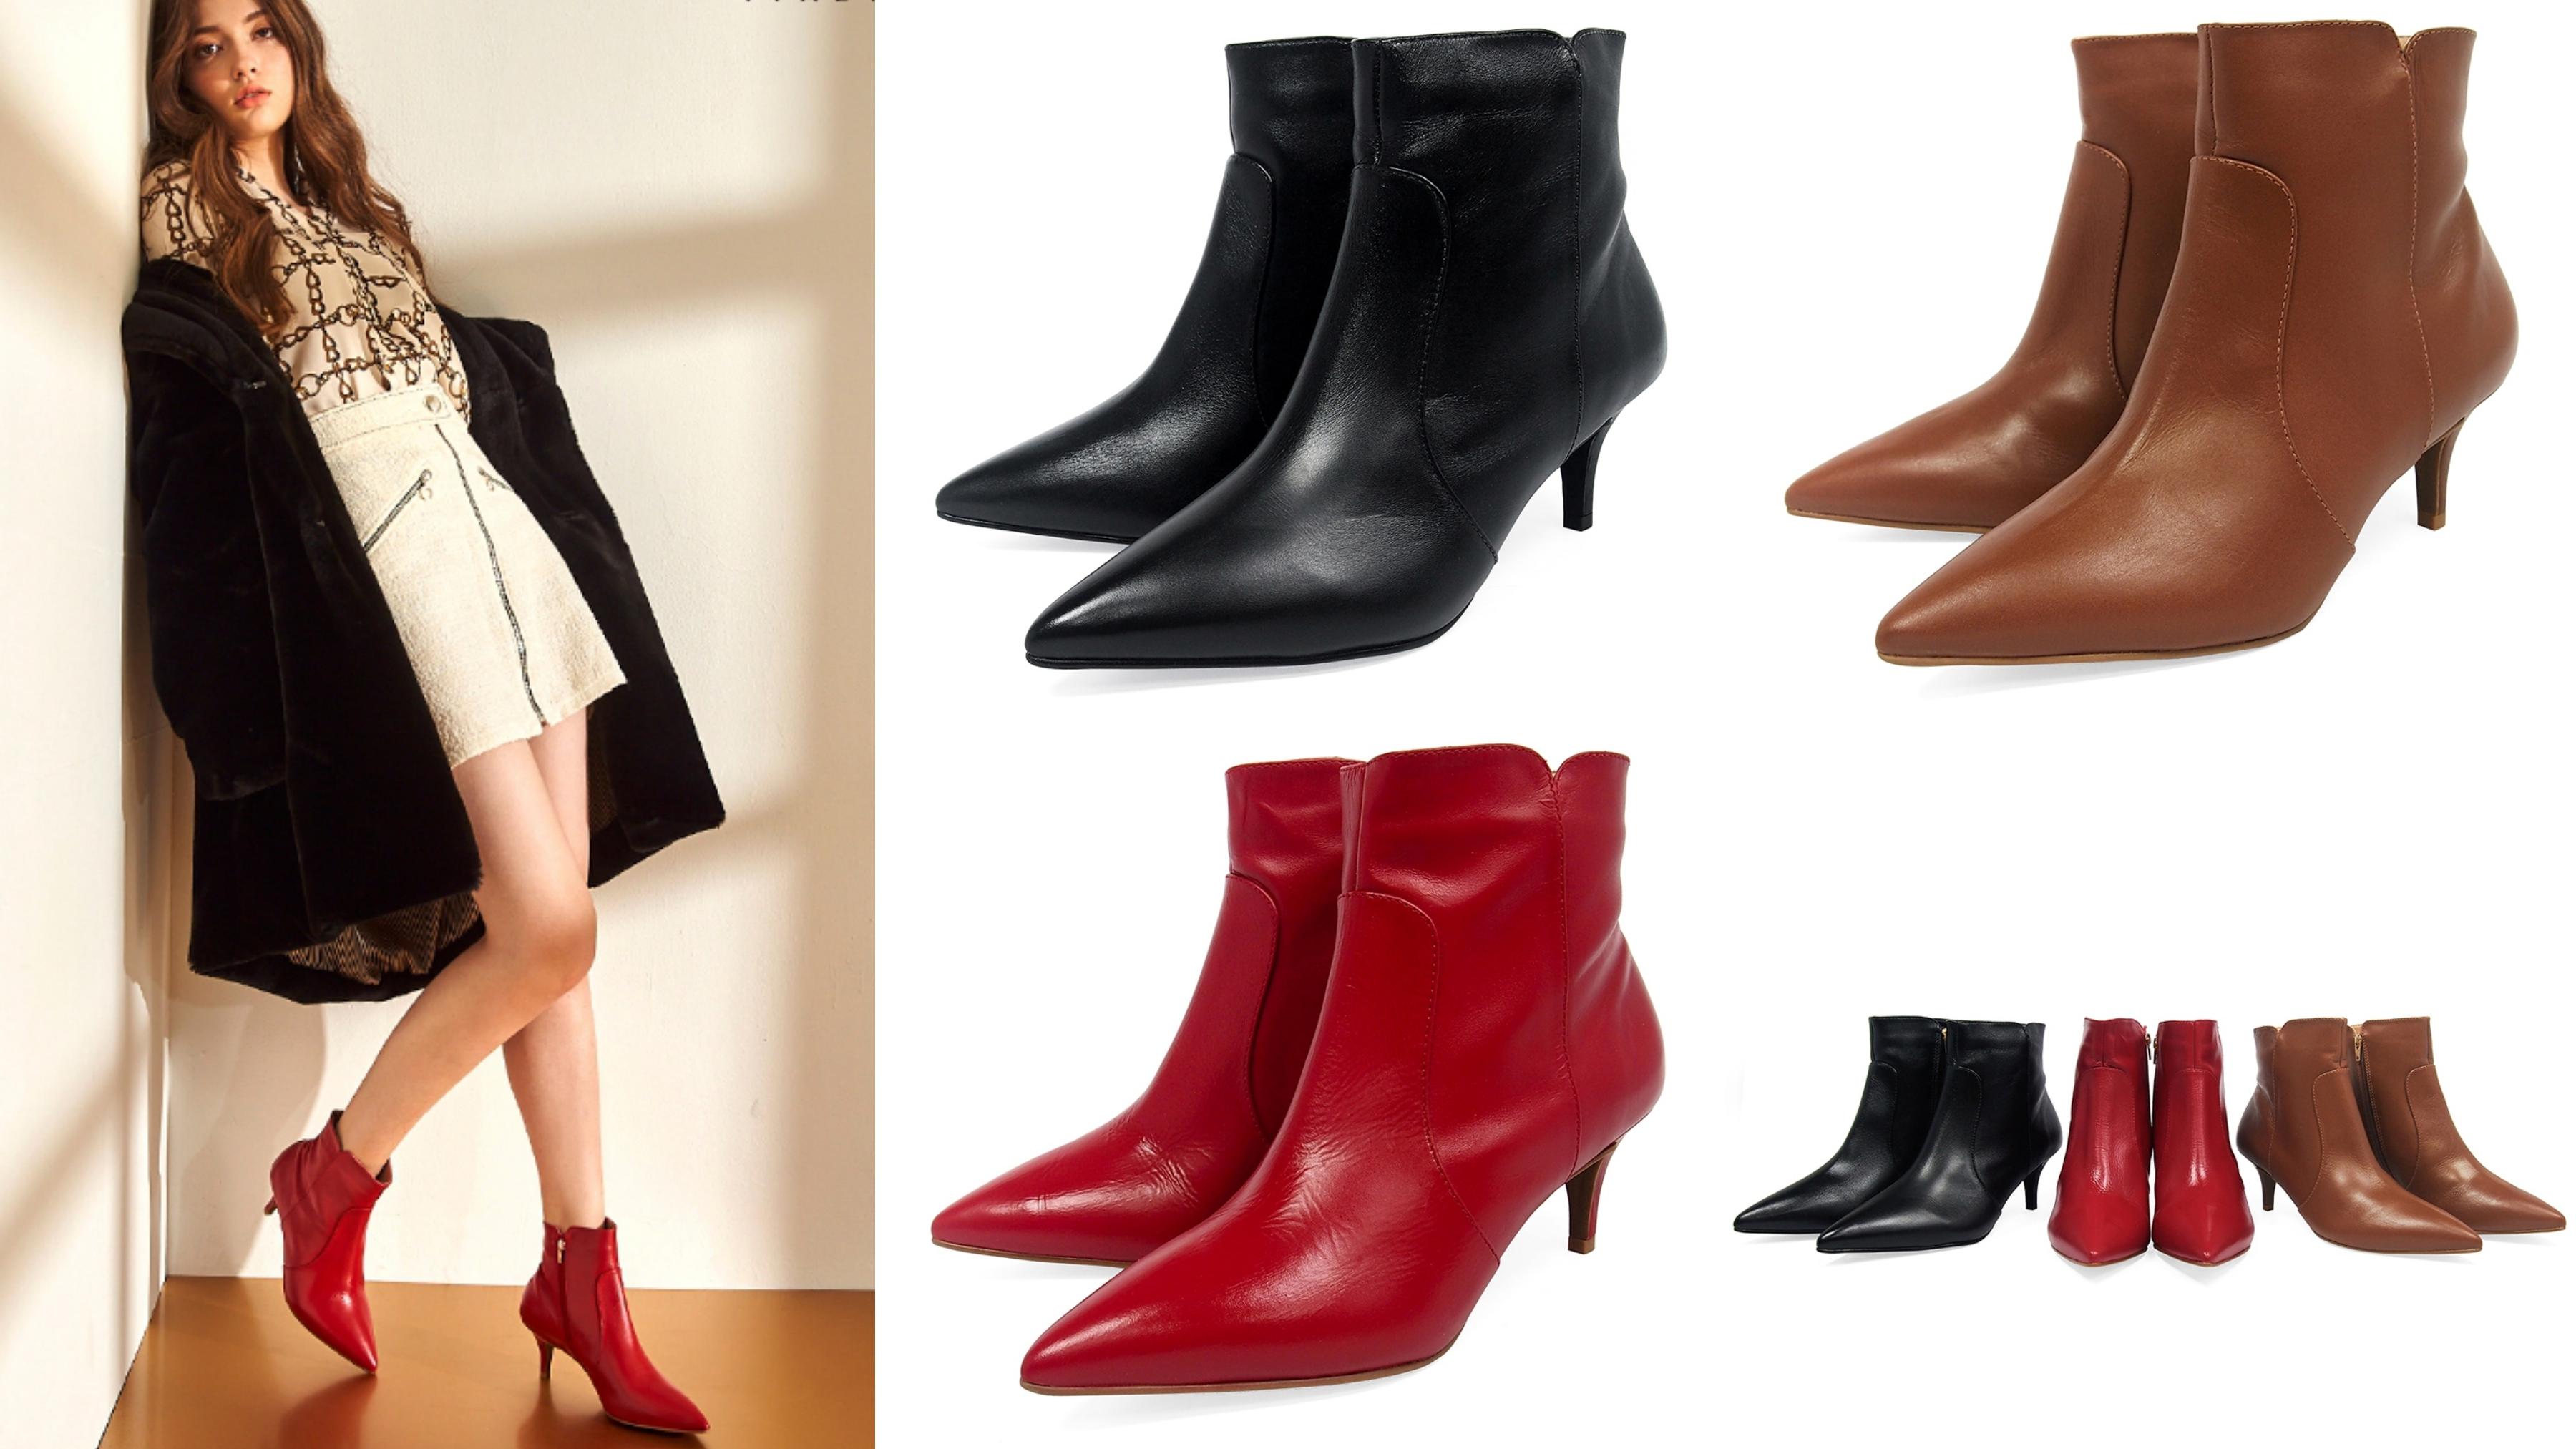 巴西原裝進口!極簡短靴注入時尚元素